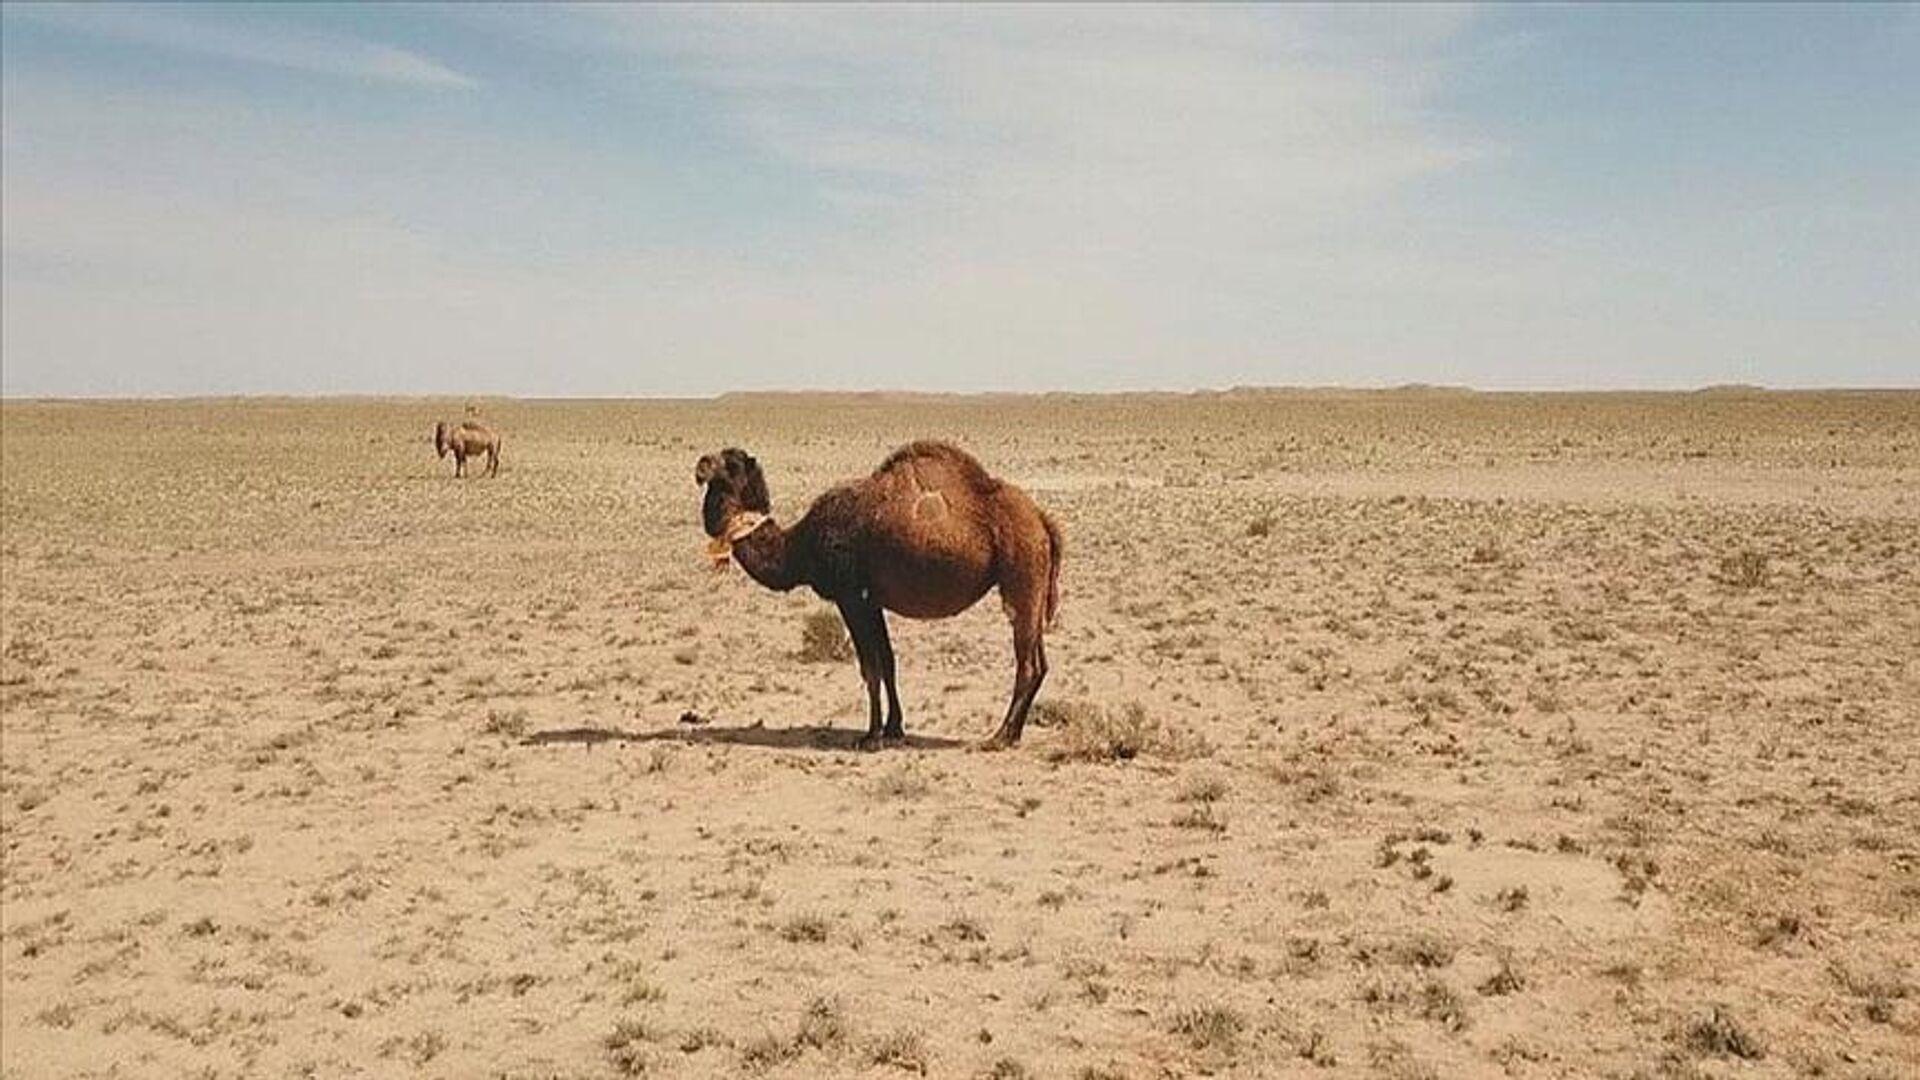 Kazakistan'da küresel ısınma nedeniyle tahıl alanları kurudu, binlerce hayvan öldü - Sputnik Türkiye, 1920, 26.08.2021